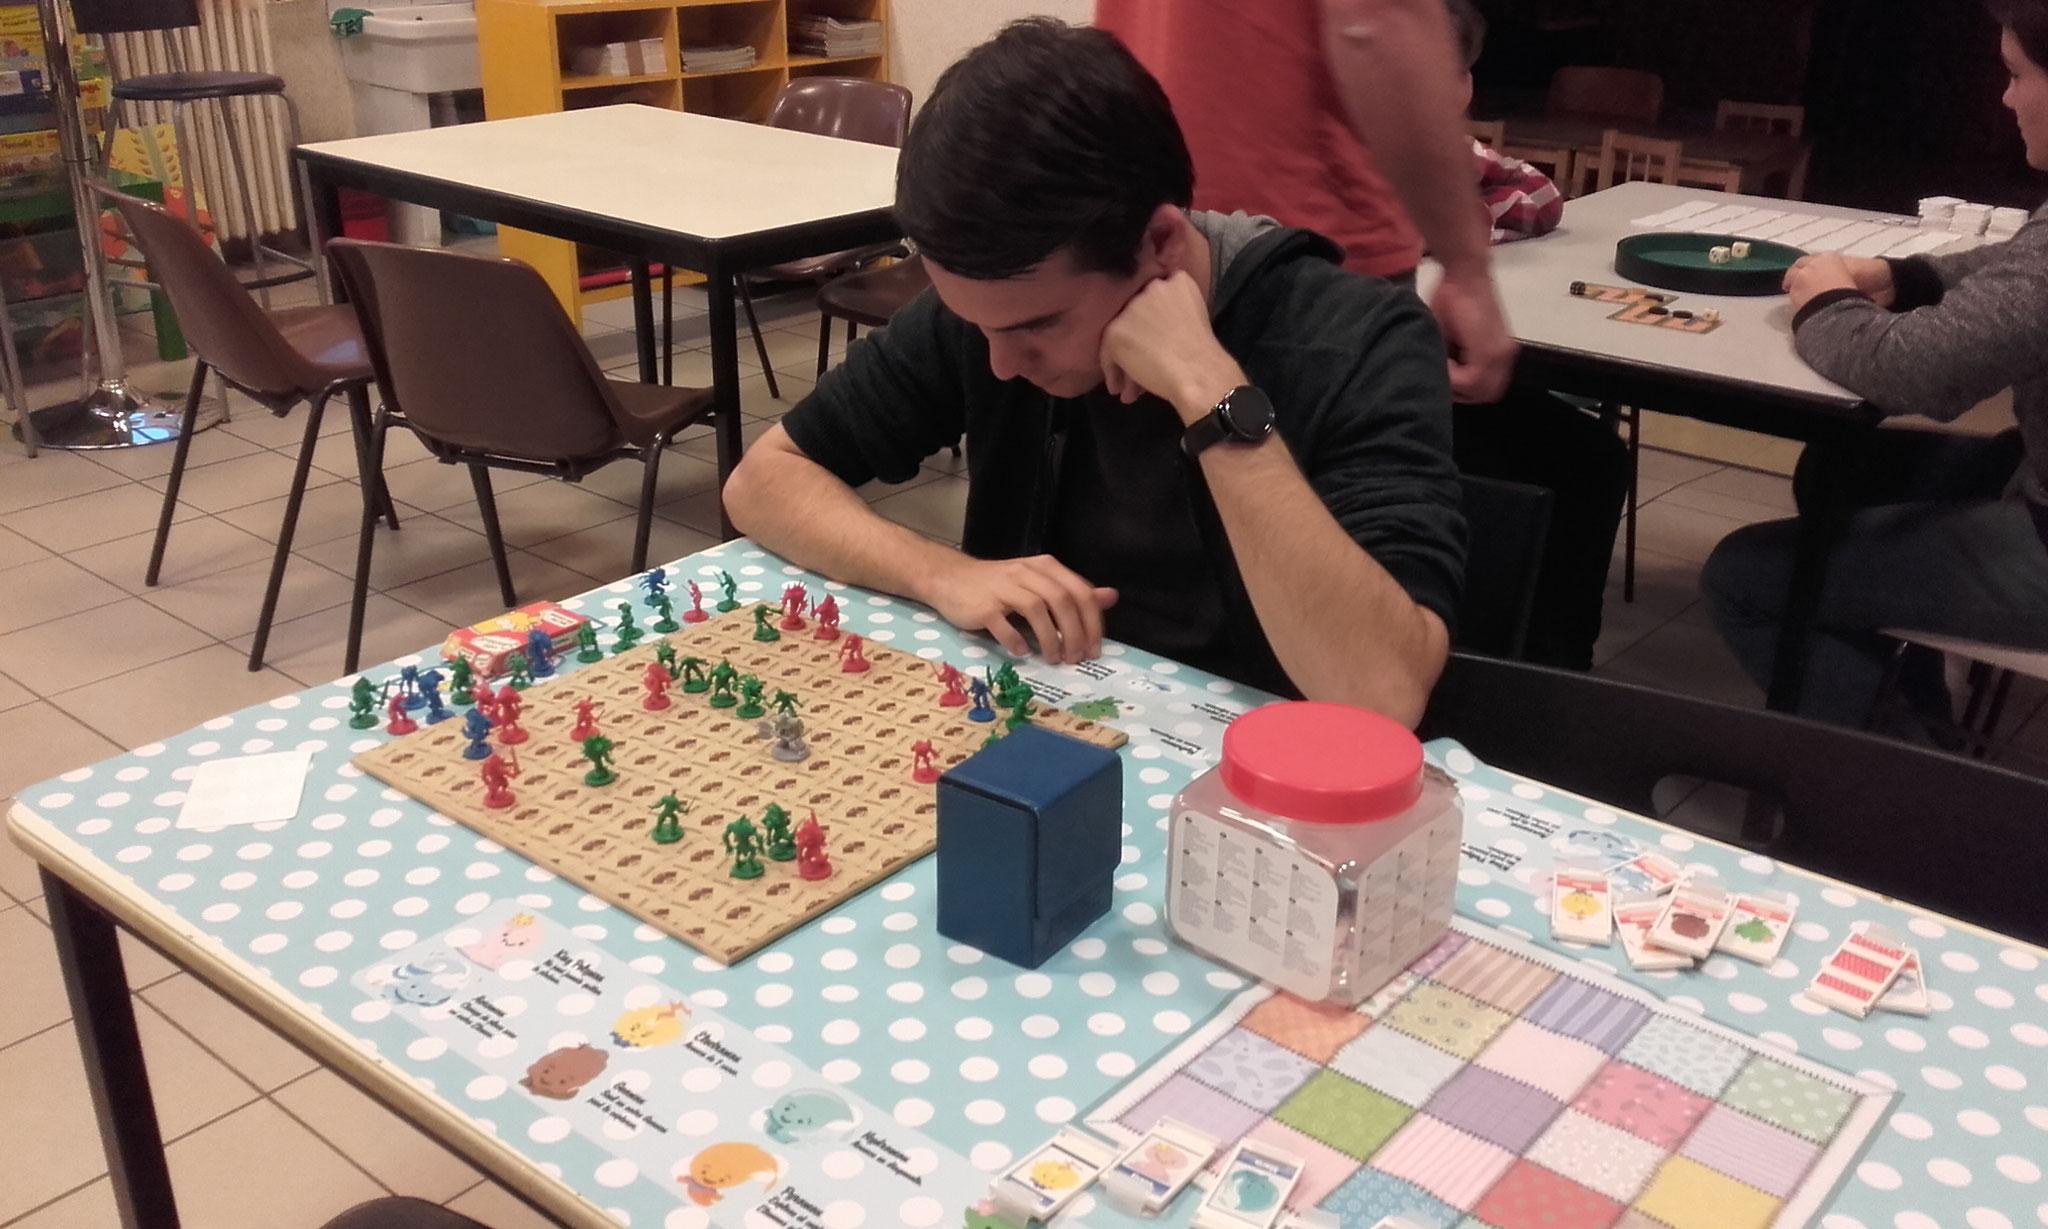 Embuscade, un jeu solitaire où il faut éliminer ses ennemis pour trouver à se cacher de leur regard